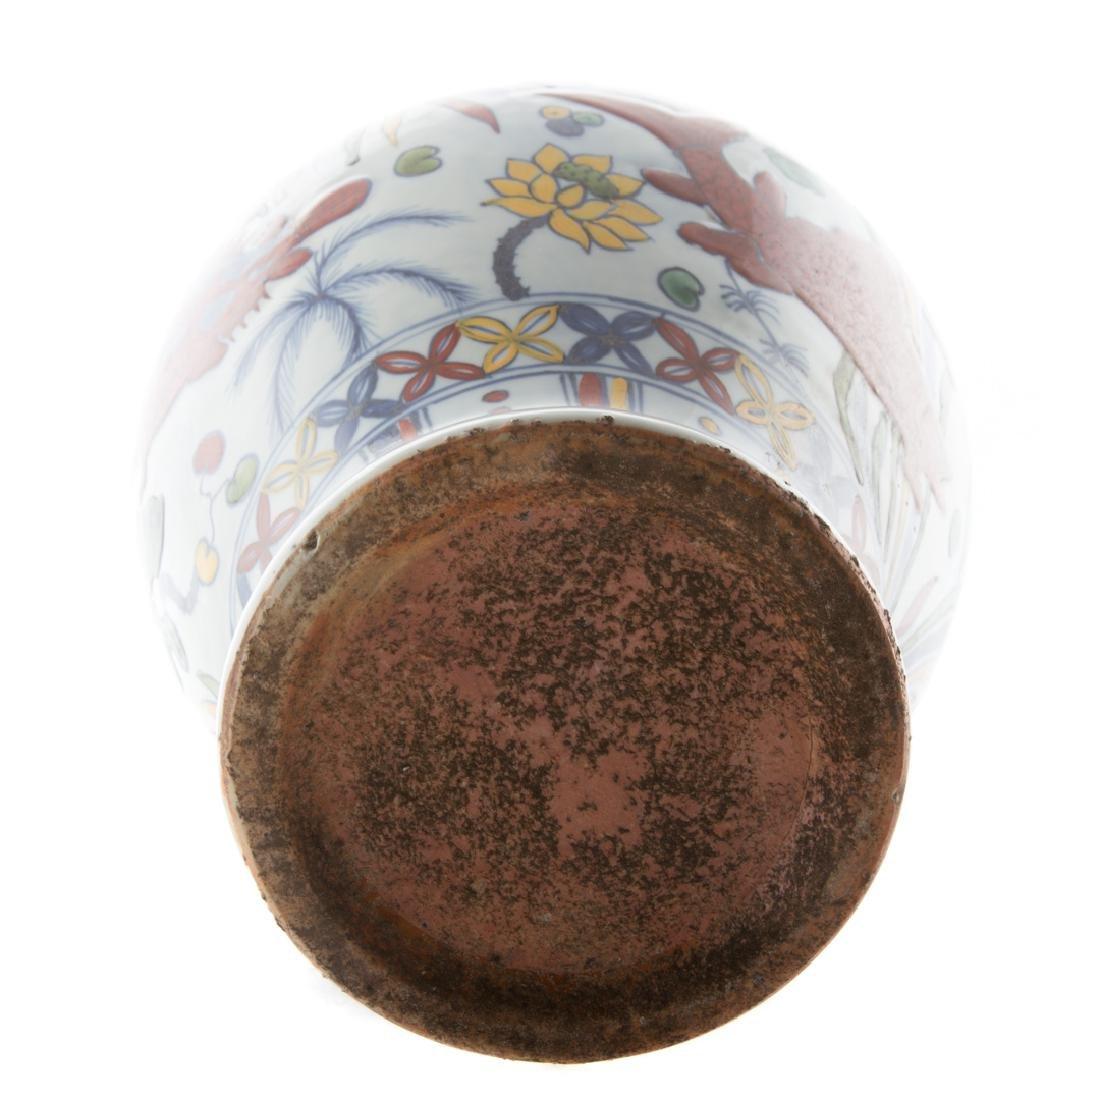 Chinese Fencai porcelain vase - 5